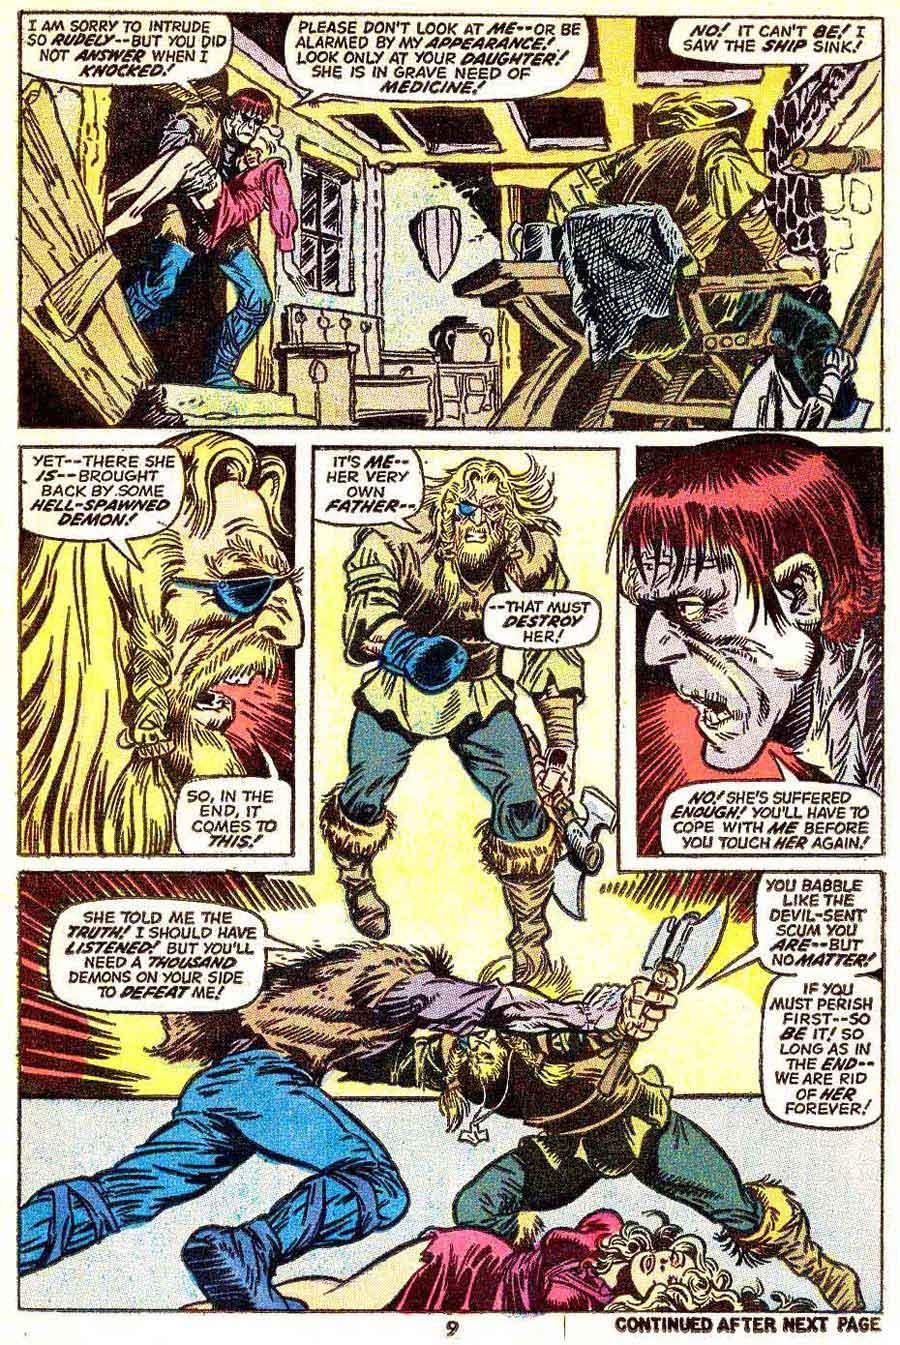 Frankenstein v2 #5 marvel comic book page art by Mike Ploog